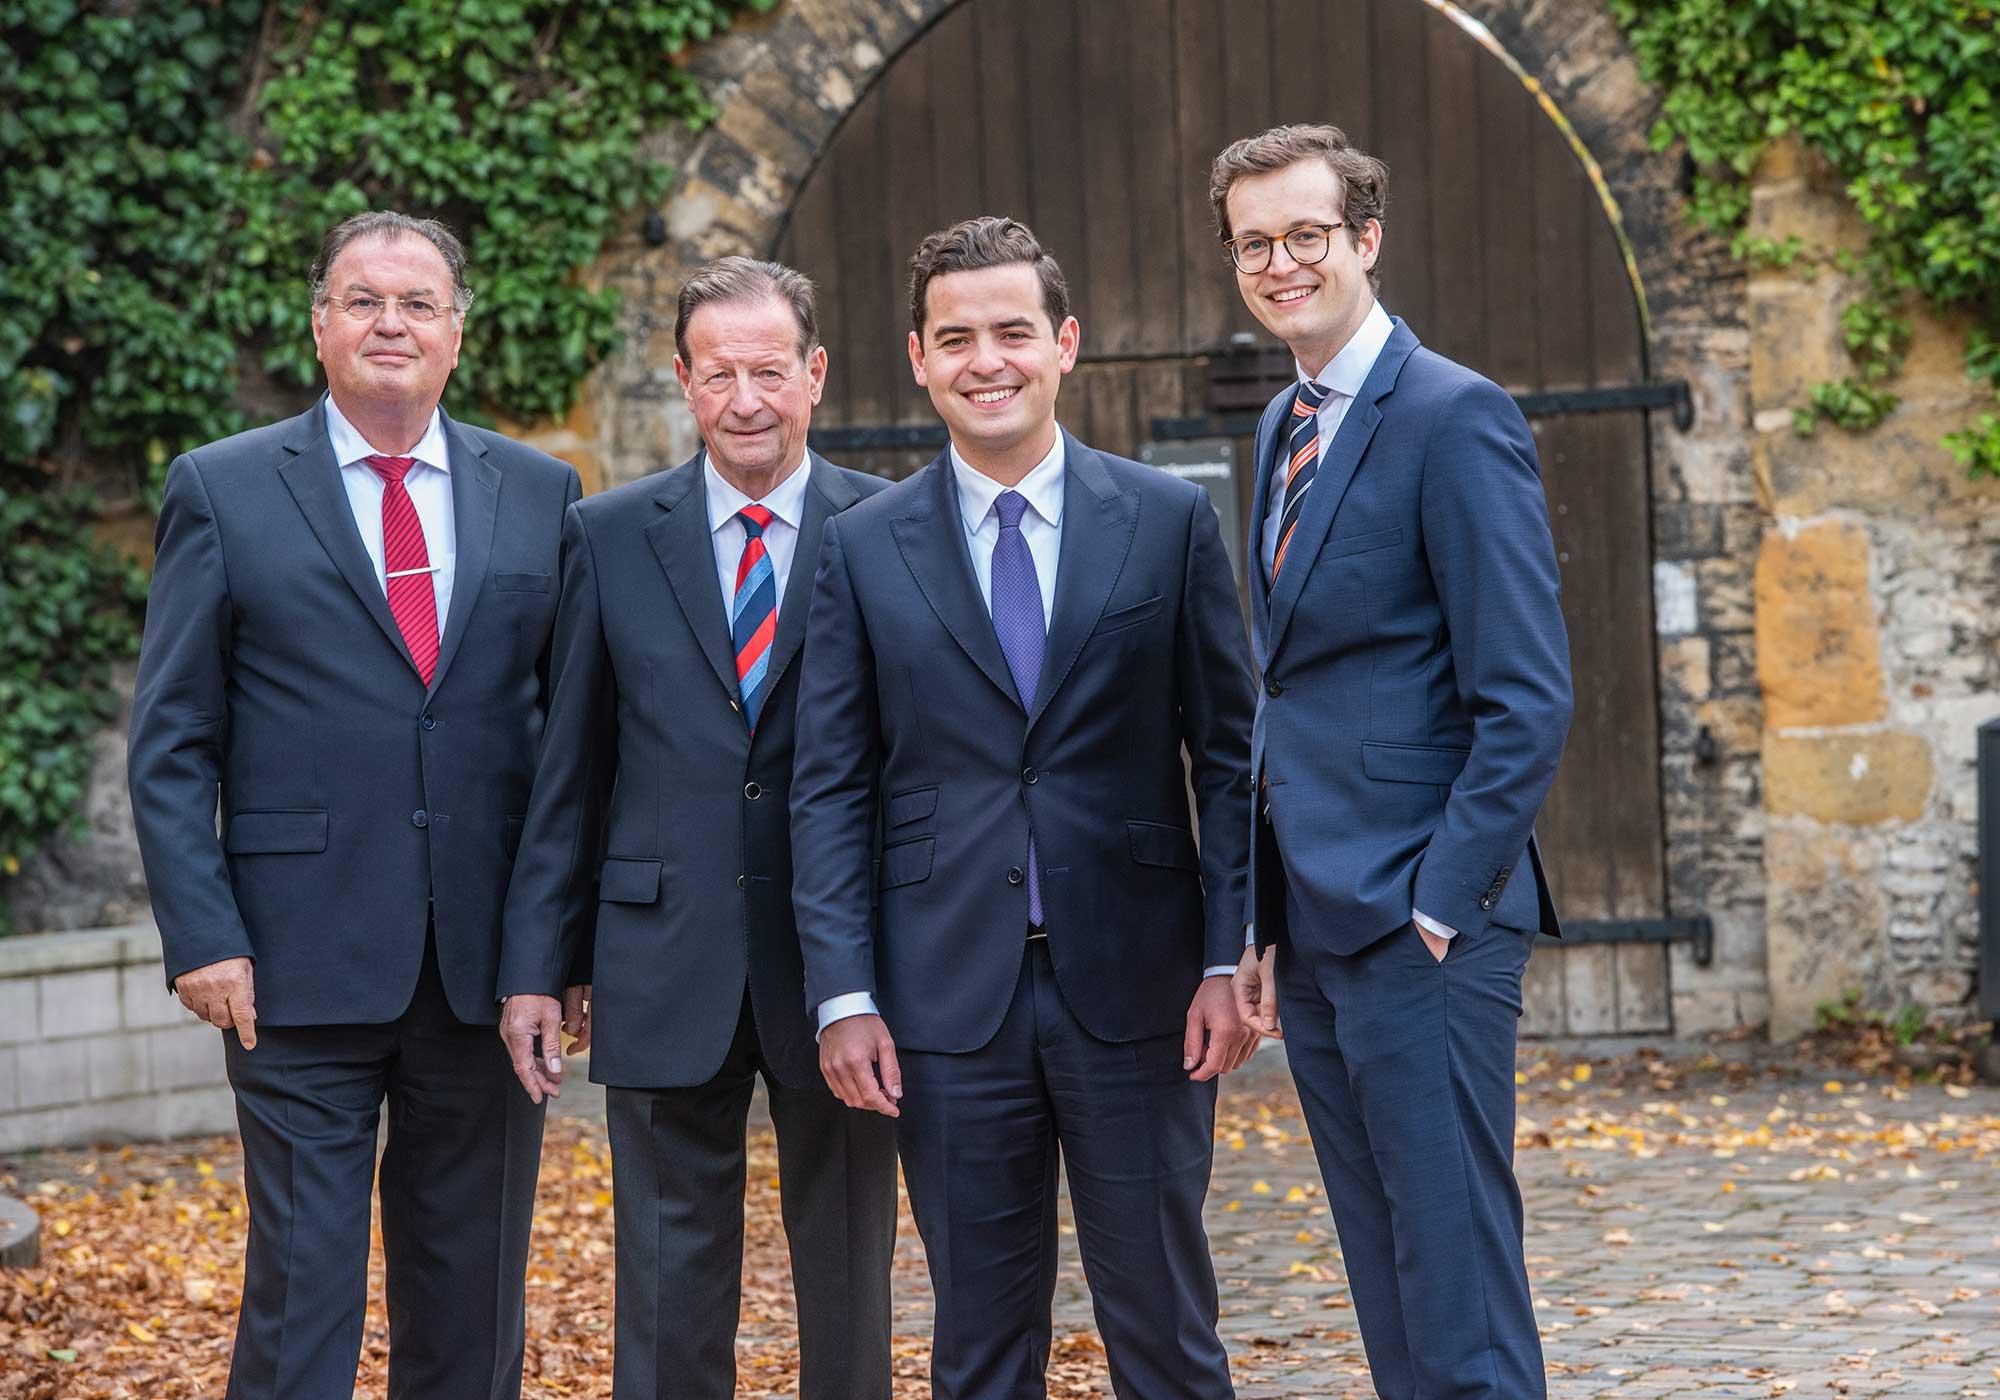 Eick & Partner - Steuerberater - Bielefeld und Hamburg